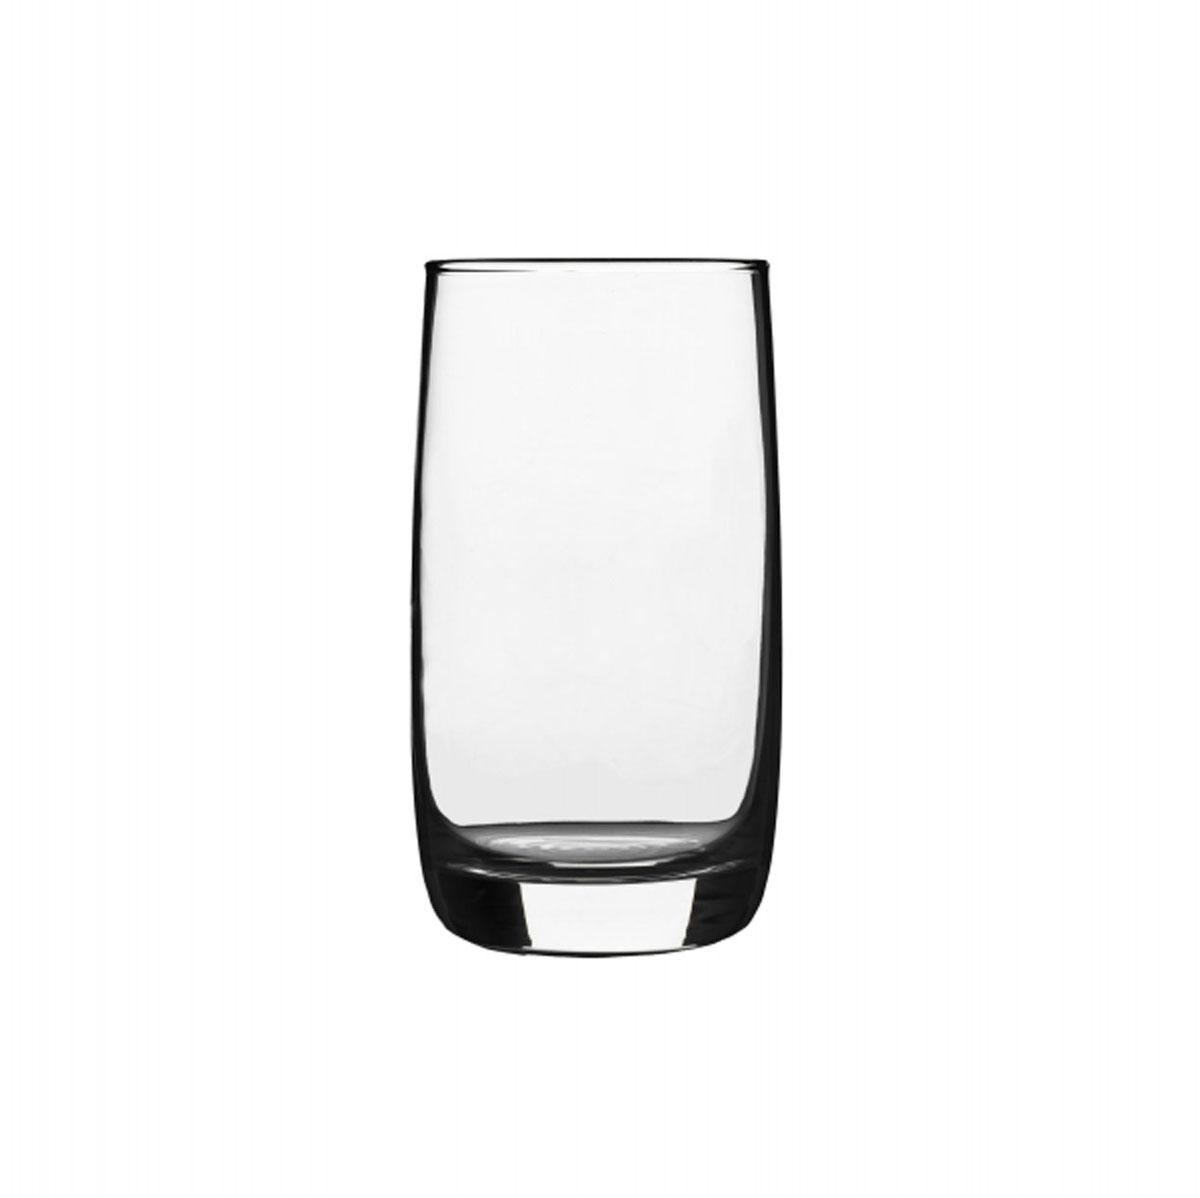 Набор стаканов Luminarc Французский ресторанчик, 330 мл, 6 штH9369Набор Luminarc Французский ресторанчик состоит из 6 высоких стаканов, выполненных из высококачественного стекла. Изделия подходят для сока, воды, лимонада и других напитков. Такой набор станет прекрасным дополнением сервировки стола, подойдет для ежедневного использования и для торжественных случаев. Можно мыть в посудомоечной машине. Объем стакана: 330 мл. Диаметр стакана: 6,4 см. Высота стакана: 12,5 см.